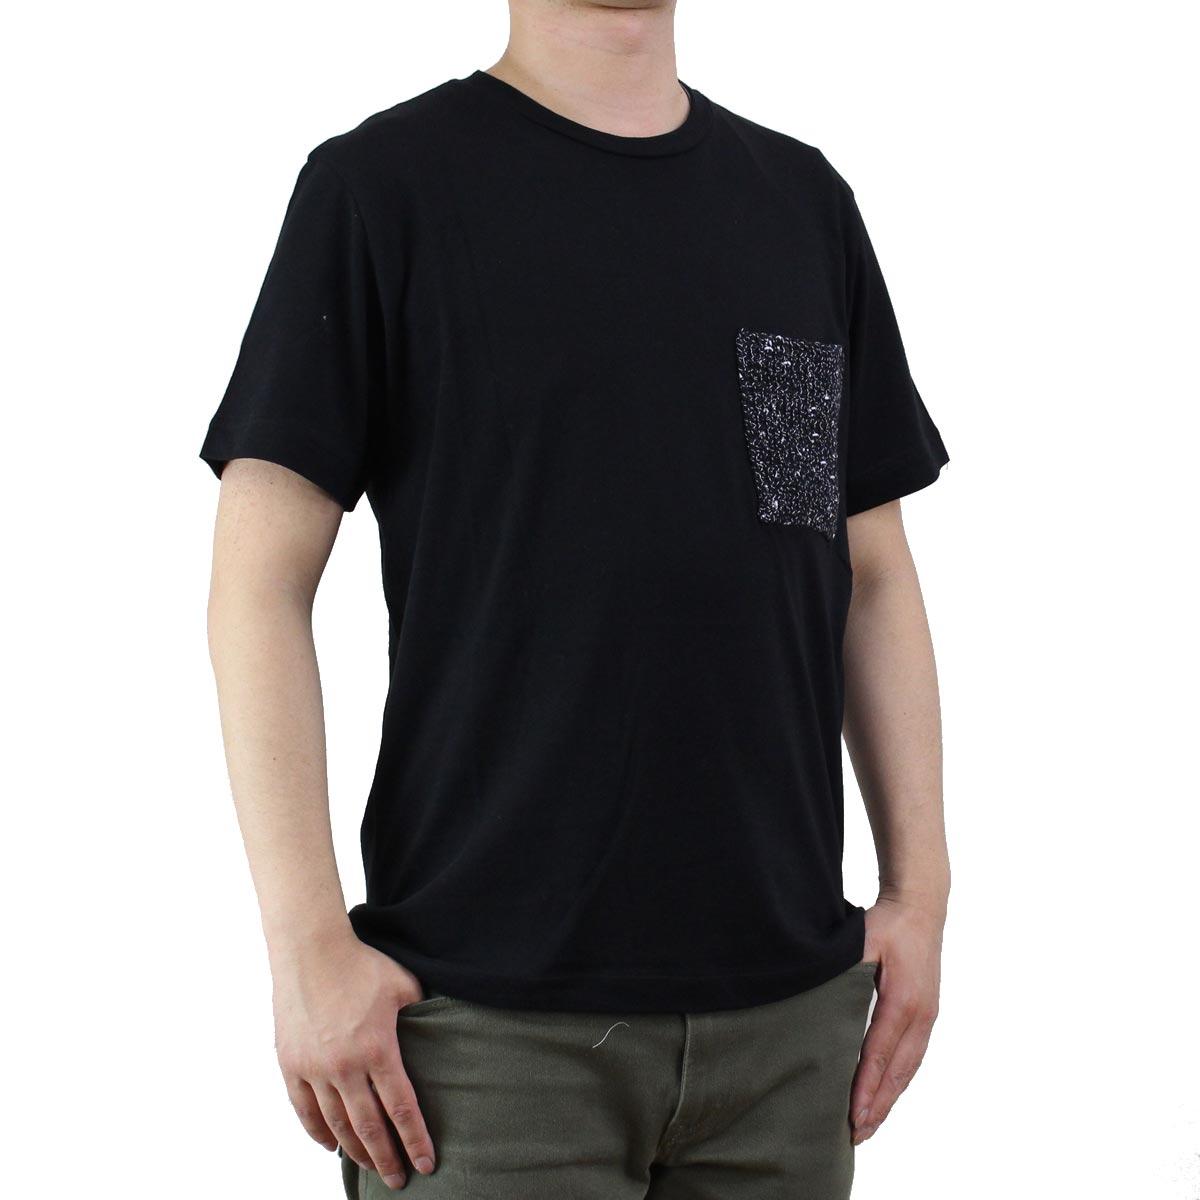 バーク Bark  メンズ 半袖 Tシャツ 71B8703 261 BLACK ブラック  メンズ ティーシャツ ティーシャツ T shirt OLS-4  ts-01